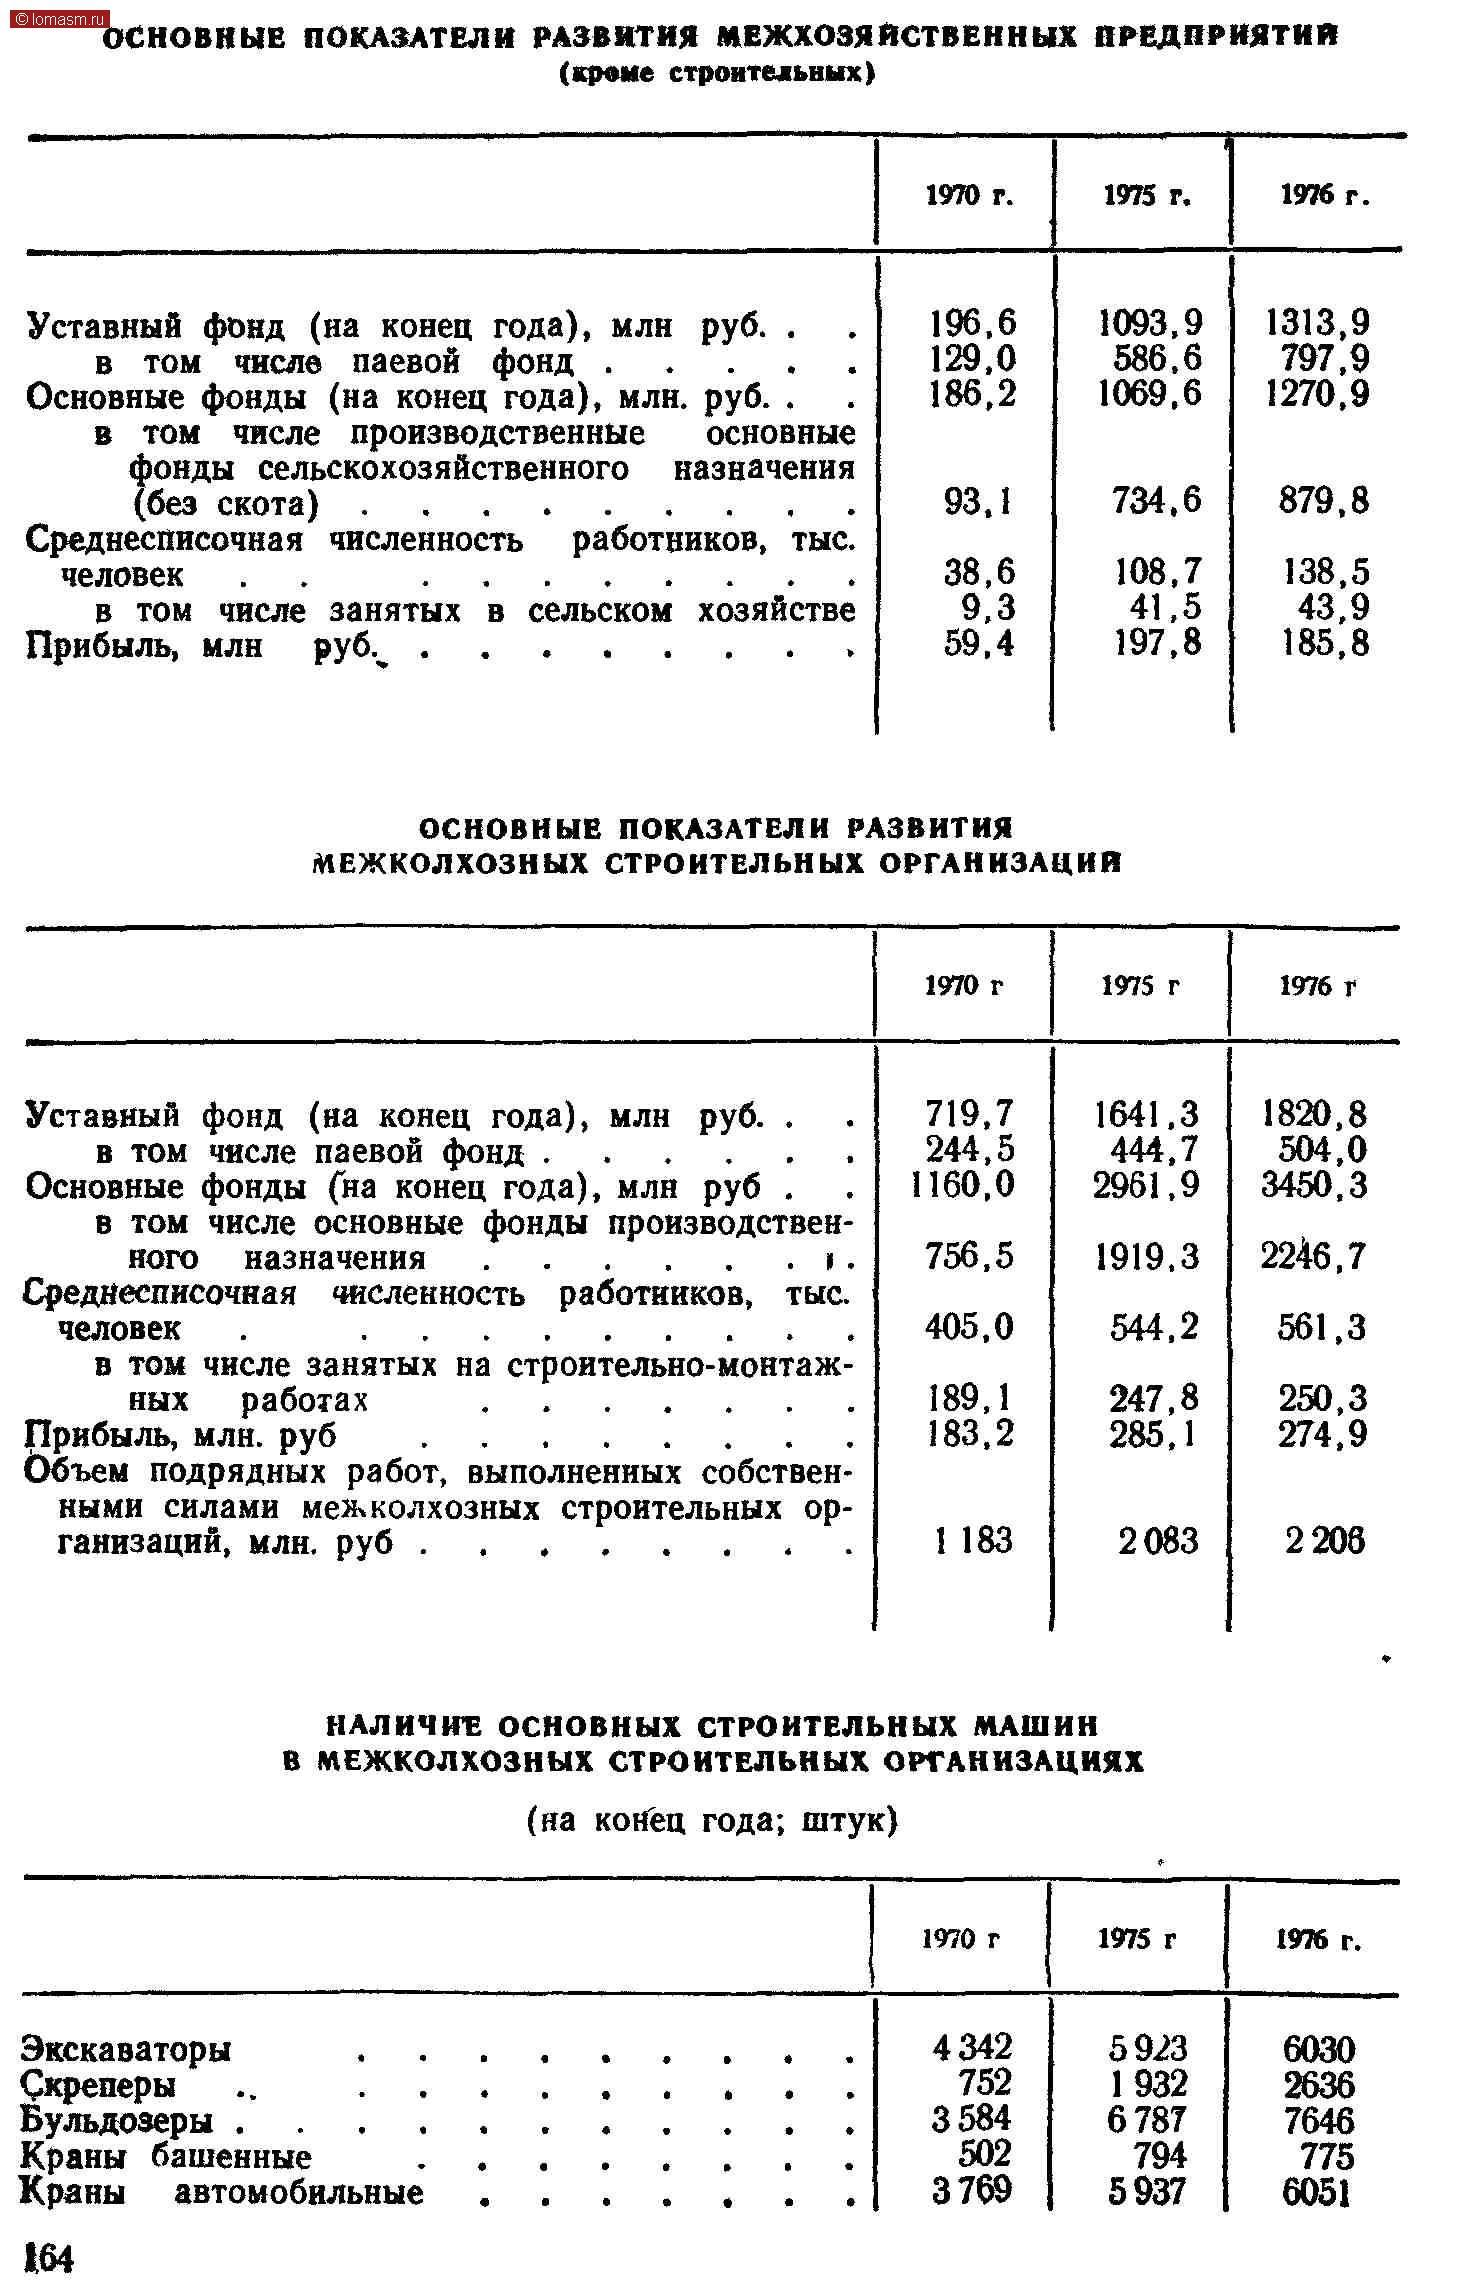 """ОСНОВНЫЕ ПОКАЗАТЕЛИ РАЗВИТИЯ МЕЖХОЗЯЙСТВЕННЫХ ПРЕДПРИЯТИЙ (креме строительных) 1970 г. 1975 г. 1976 г. Уставный фонд (на конец года), млн  руб. .     . в   том   числе   паевой   фонд   ..... Основные фонды (на конец года), млн. руб. .     . в   to**W производственные      основные фонды сельскохозяйственного    назначения (без скота) Среднесписочная численность    работников, тыс. человек     .....     ..... в том  числе занятых  в сельском хозяйстве Прибыль, млн     рубч....... 196.6 93,1 38.6 Н 734,6 1313,9 Si 879,8 31 ОСНОВНЫЕ ПОКАЗАТЕЛИ РАЗВИТИЯ МЕЖКОЛХОЗНЫХ СТРОИТЕЛЬНЫХ ОРГАНИЗАЦИЙ 1970 г 1975 г 1976 г Уставный фонд (на конец года), млн   руб. .     . в том числе паевой фонд ...... Основные фонды Сна конец года), млн руб .     - *55ГГ"""" ™ .""""!Т ~ в том чнсле занятых на строительно-монтажных     работах          ....... Км^одрЛяднРыУхб работ, выполненных собствен-' ными силами межколхозных строительных организаций, млн. руб........ 719,7 ¦Ж* 756.5 405.0 !S:i 1 183 'Si:? 2961.9 1919,3 544.2 247,8 285. 1 2083 2246,7 561.3 250,3 274,9 2208 НАЛИЧИЕ ОСНОВНЫХ СТРОИТЕЛЬНЫХ МАШИН МЕЖКОЛХОЗНЫХ СТРОИТЕЛЬНЫХ ОРГАНИЗАЦИЯХ (на конец года; штук) 1970 г 1975 г 1976 г. экскаваторы                ...«••••. 8CS-:.::::::::: Краны   башенные         .      ••¦¦>*• Краны    автомобильные....... 164 4342 752 3584 502 3769 5923 1932 6787 794 5937 6030 2636 7646 775 6051 В"""